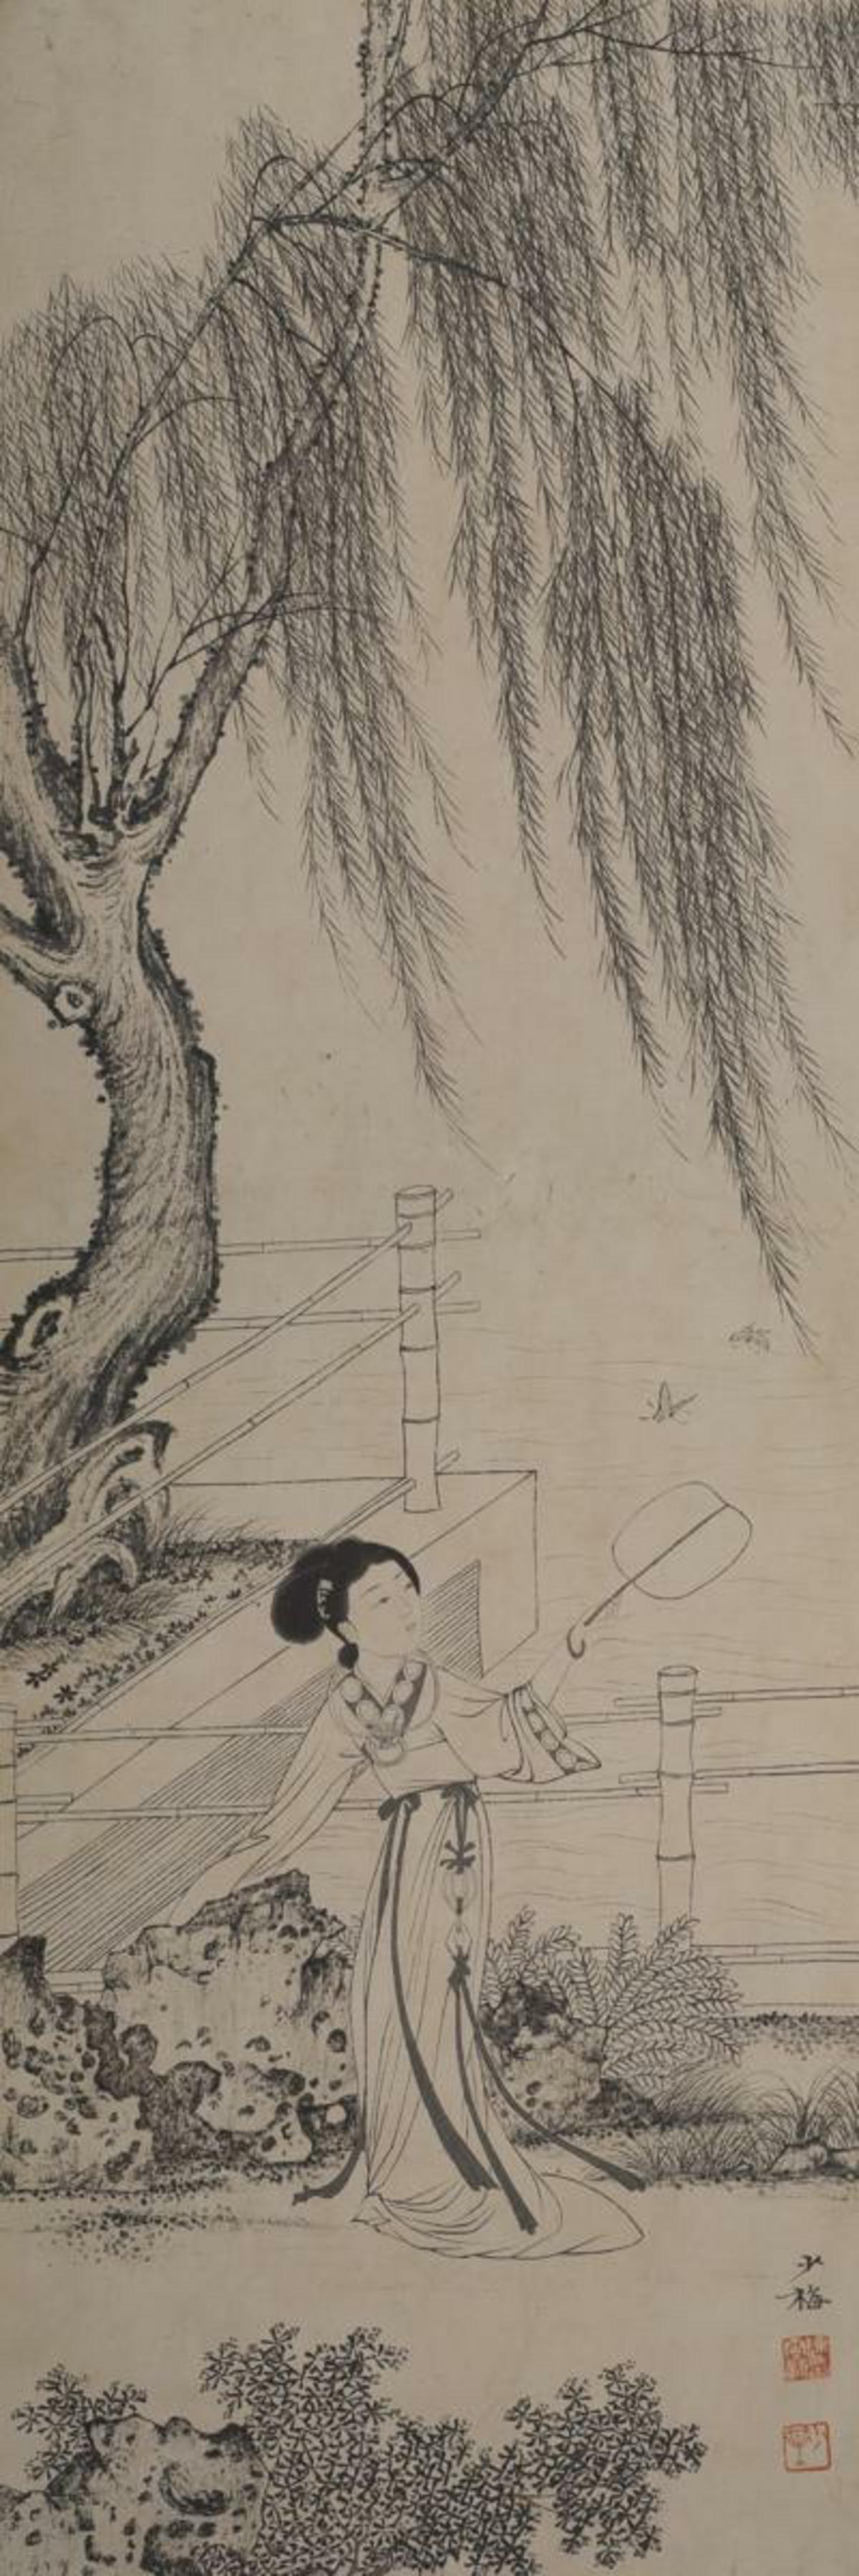 陈少梅-人物四条屏69×23×4-纸本镜片1 (2)